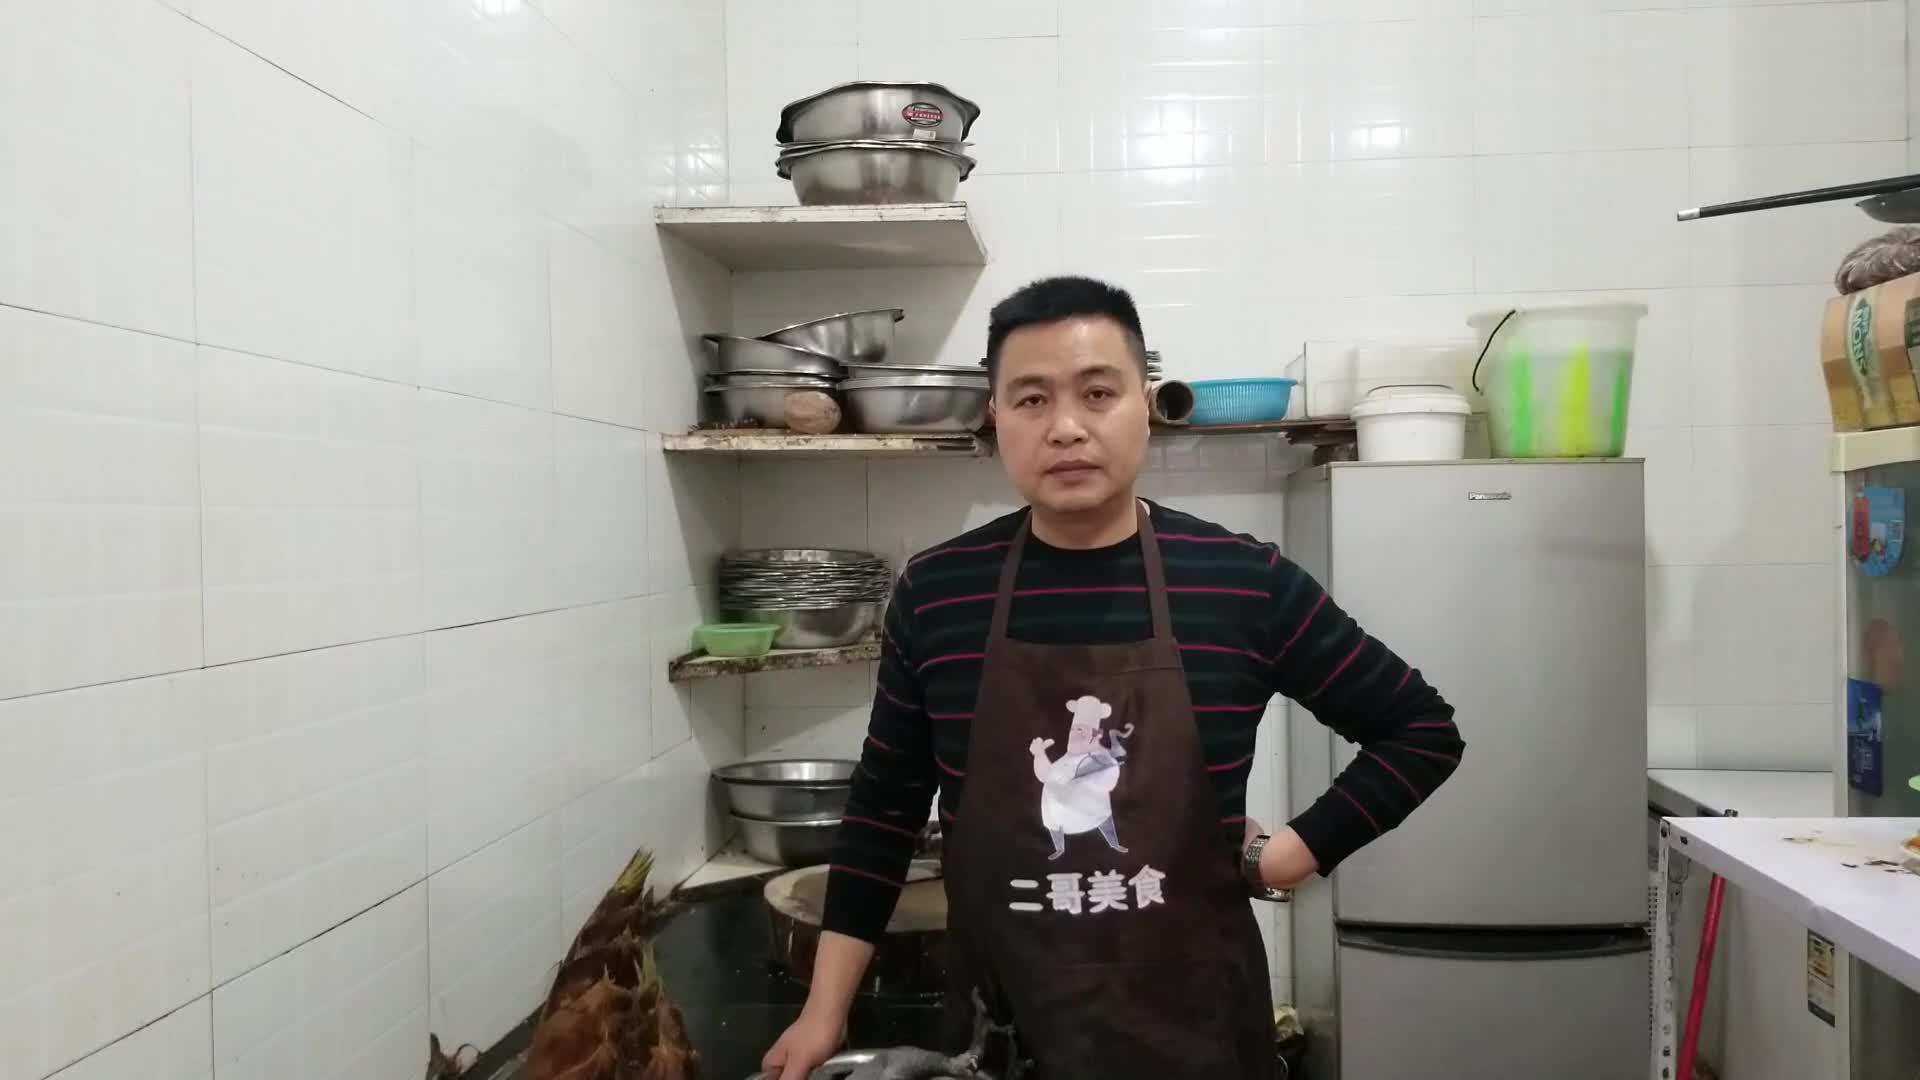 二哥分享竹笋炖土鸡,汤鲜味美,老少皆宜